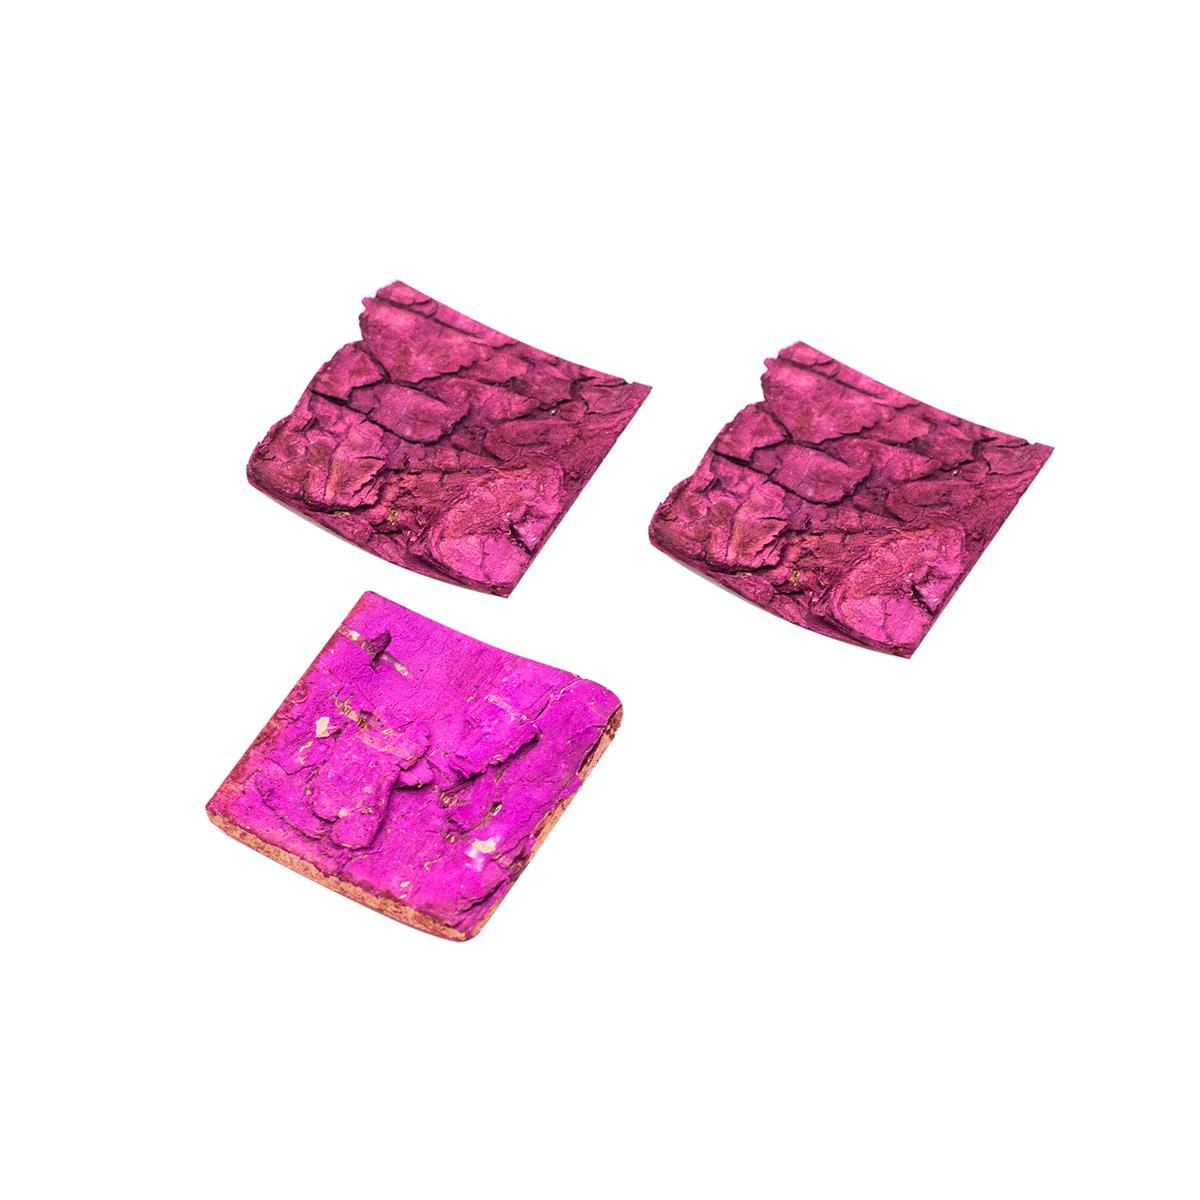 YW013 Декоративные элементы из коры дерева 'Квадратики', 3см, 30шт/уп (розовый) фото